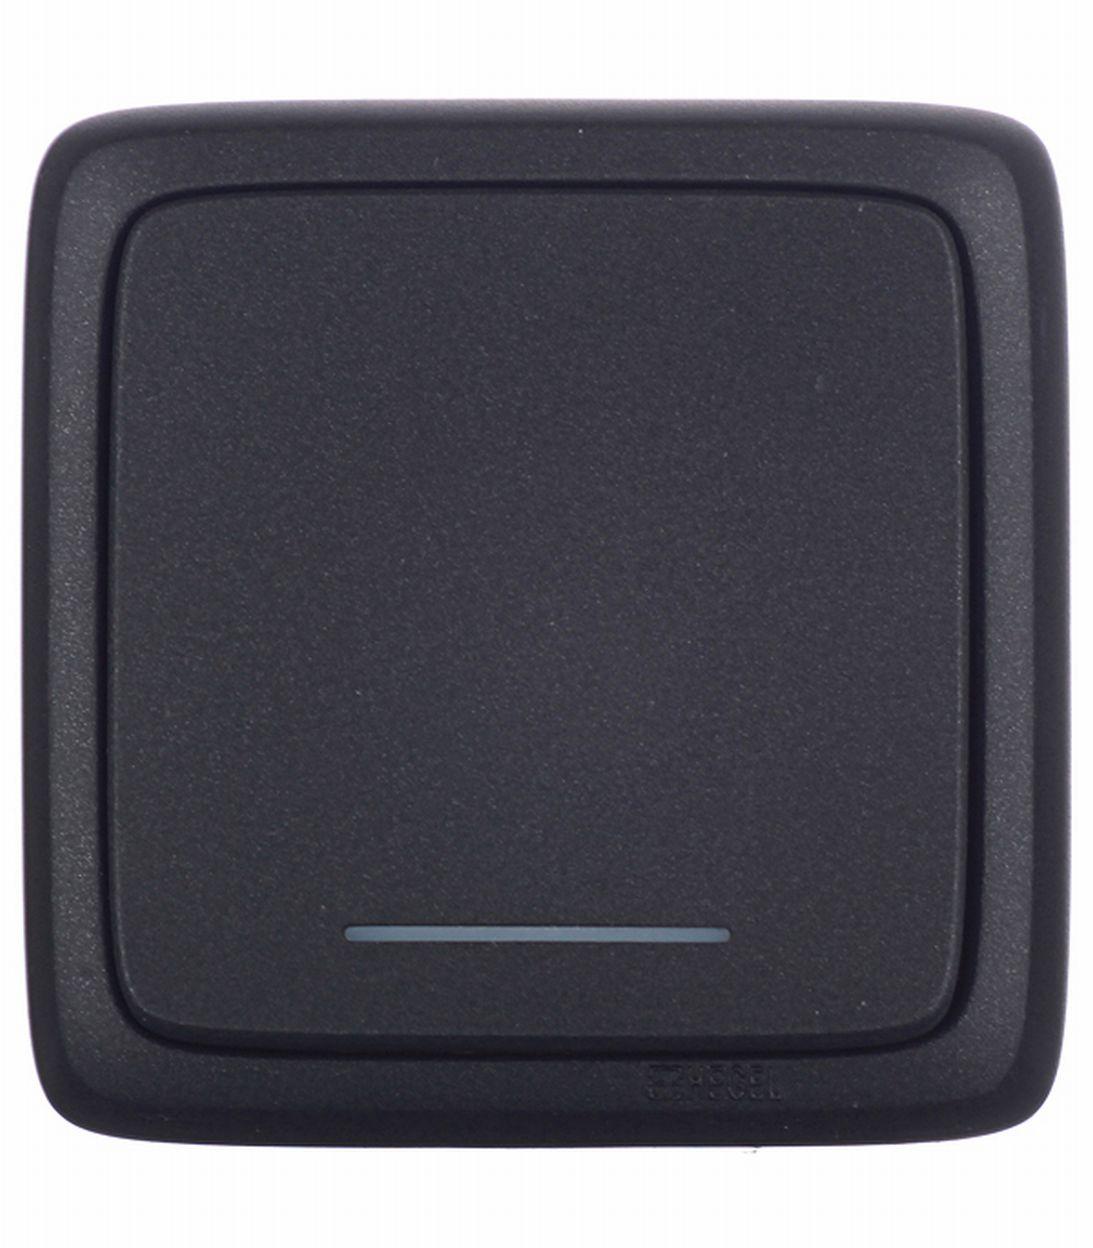 Выключатель одноклавишный о/у с подсветкой с изолирующей пластиной Hegel Alfa черный выключатель одноклавишный legrandquteo о у влагозащищенный ip 44 белый